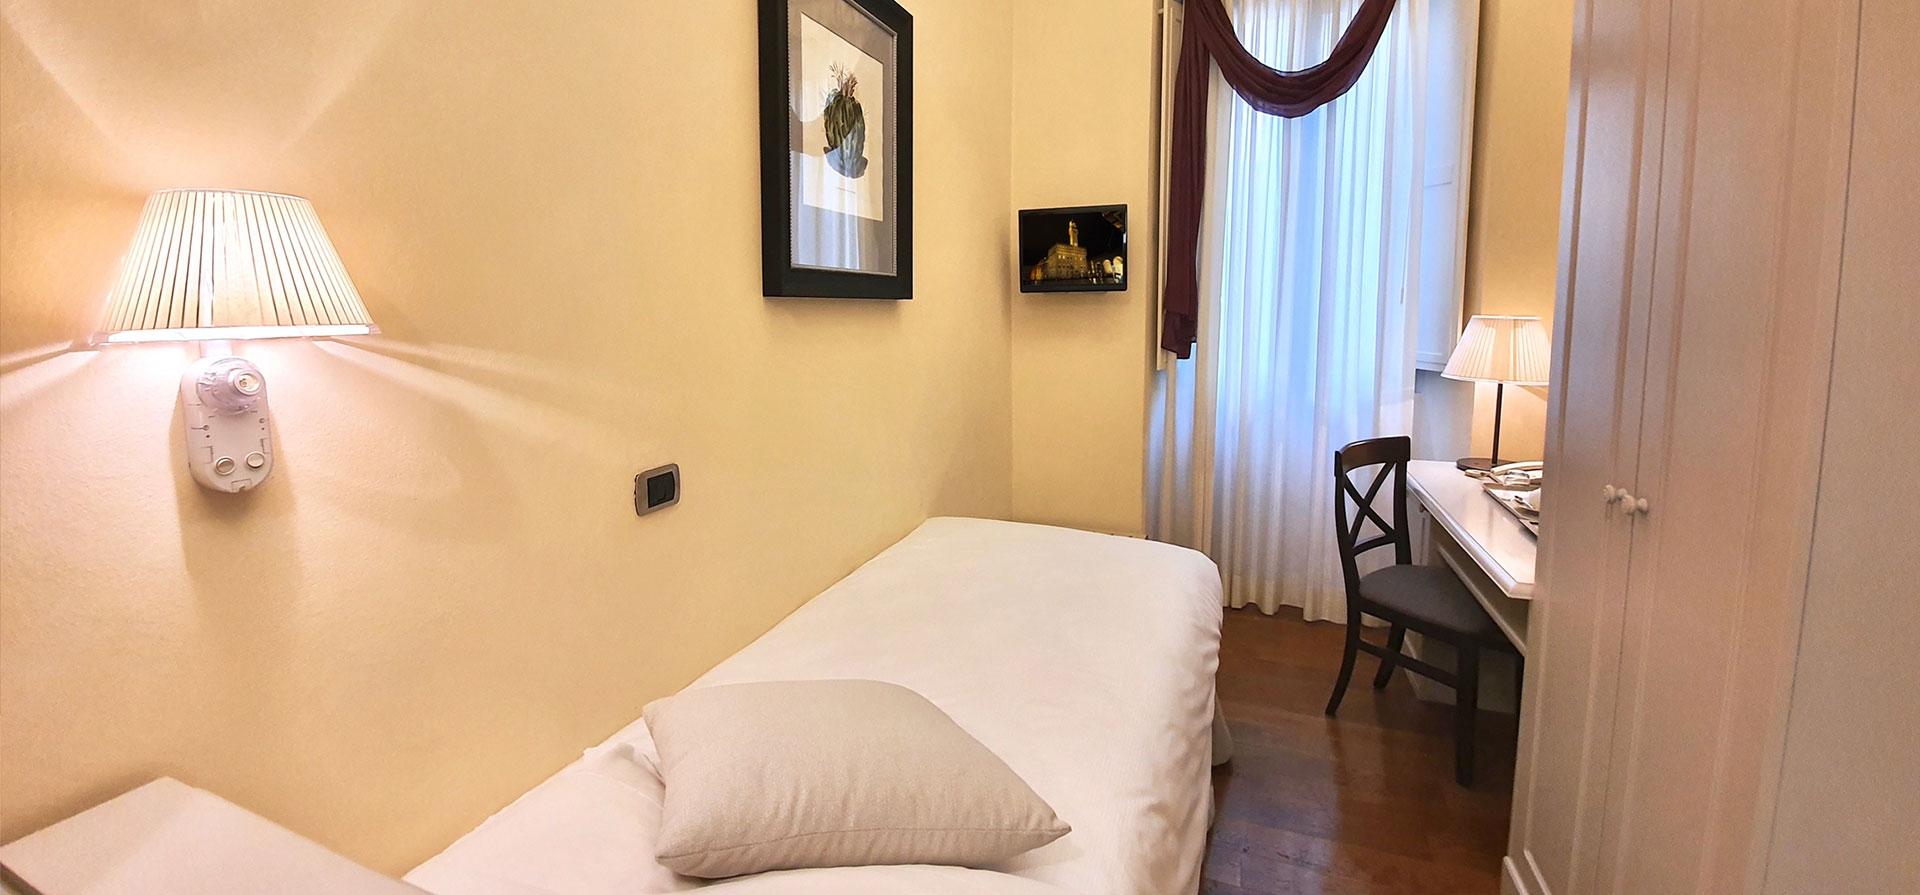 Single Room BnB - La Signoria di Firenze